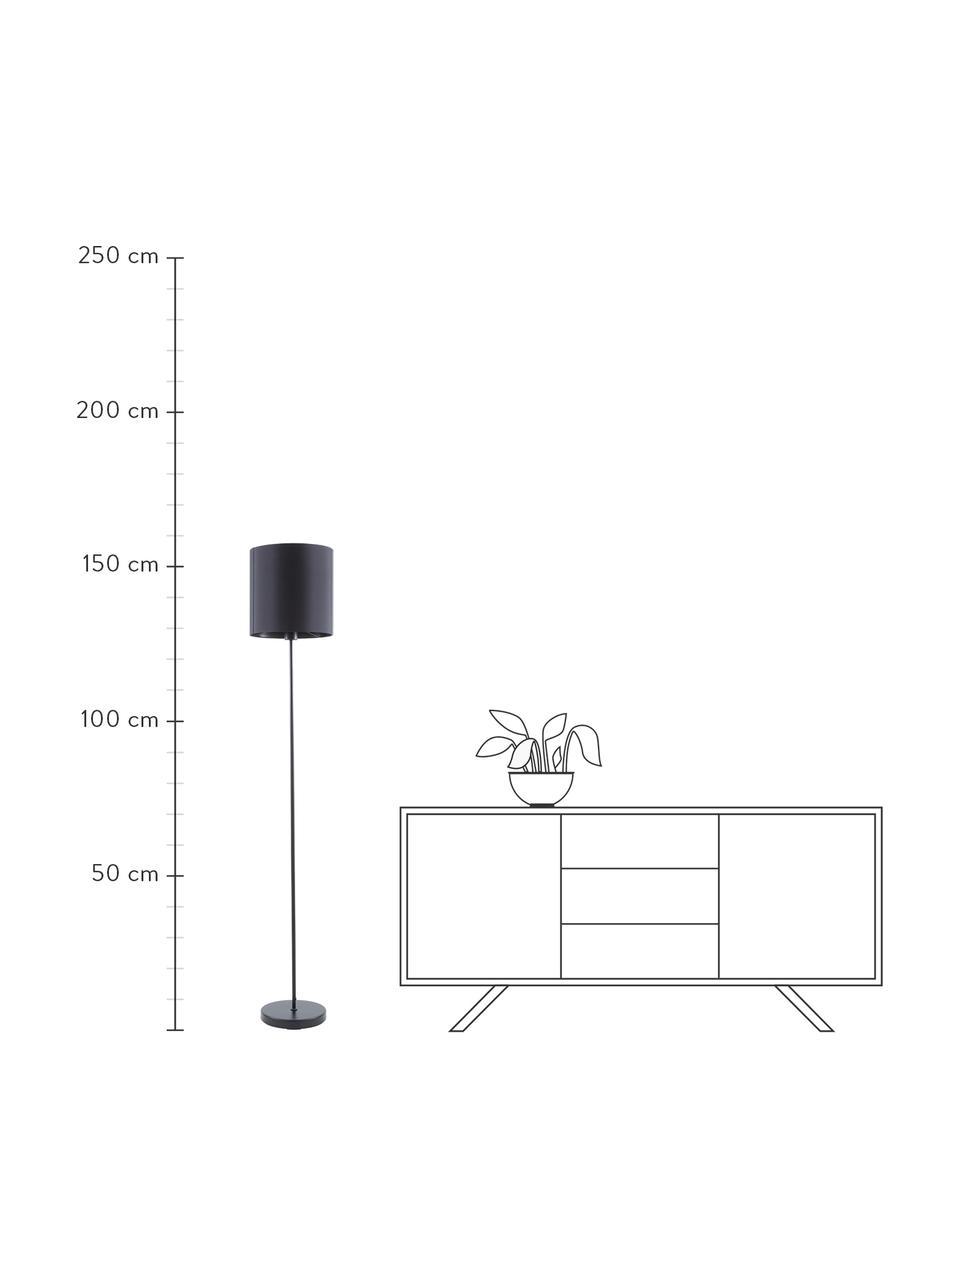 Stehlampe Mick in Schwarz, Lampenschirm: Textil, Lampenfuß: Metall, pulverbeschichtet, Schwarz, Ø 28 x H 158 cm